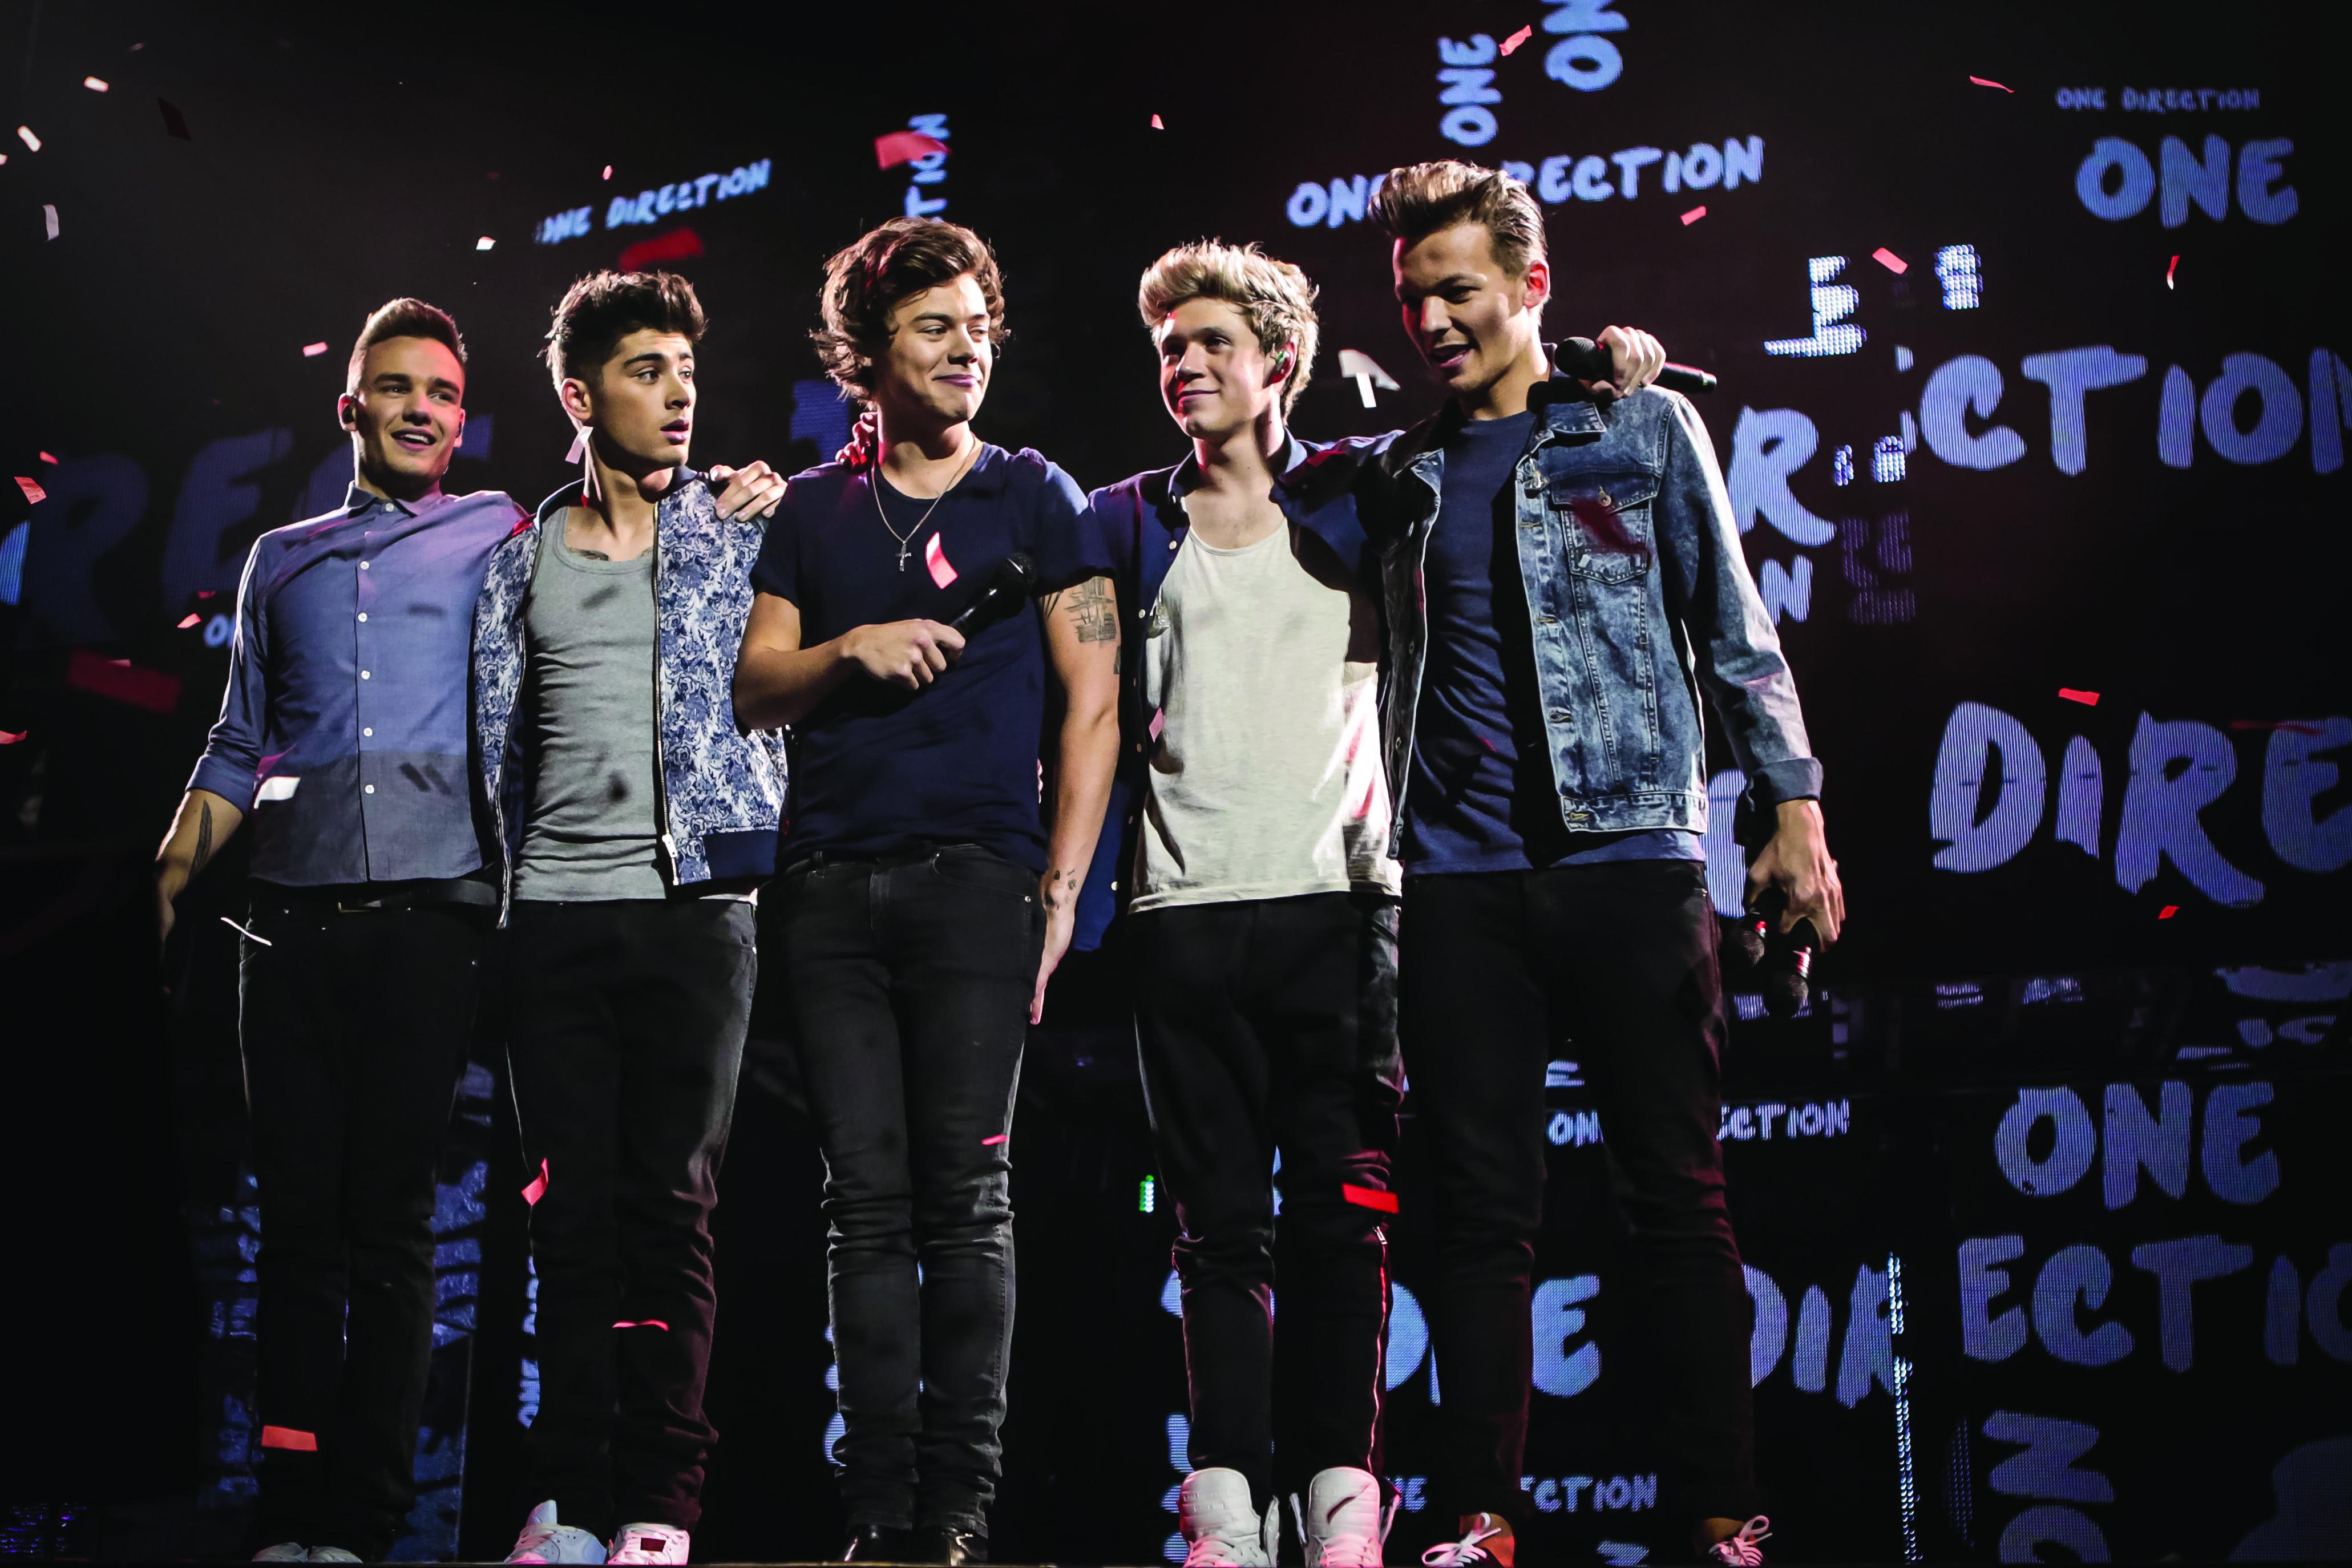 """. One Direction –Niall Horan, Zayn Malik, Liam Payne, Harry Styles y Louis Tomlinson–se dieron a conocer gracias a Simon Cowell en el programa """"The X Factor"""" en Reino Unido […]"""